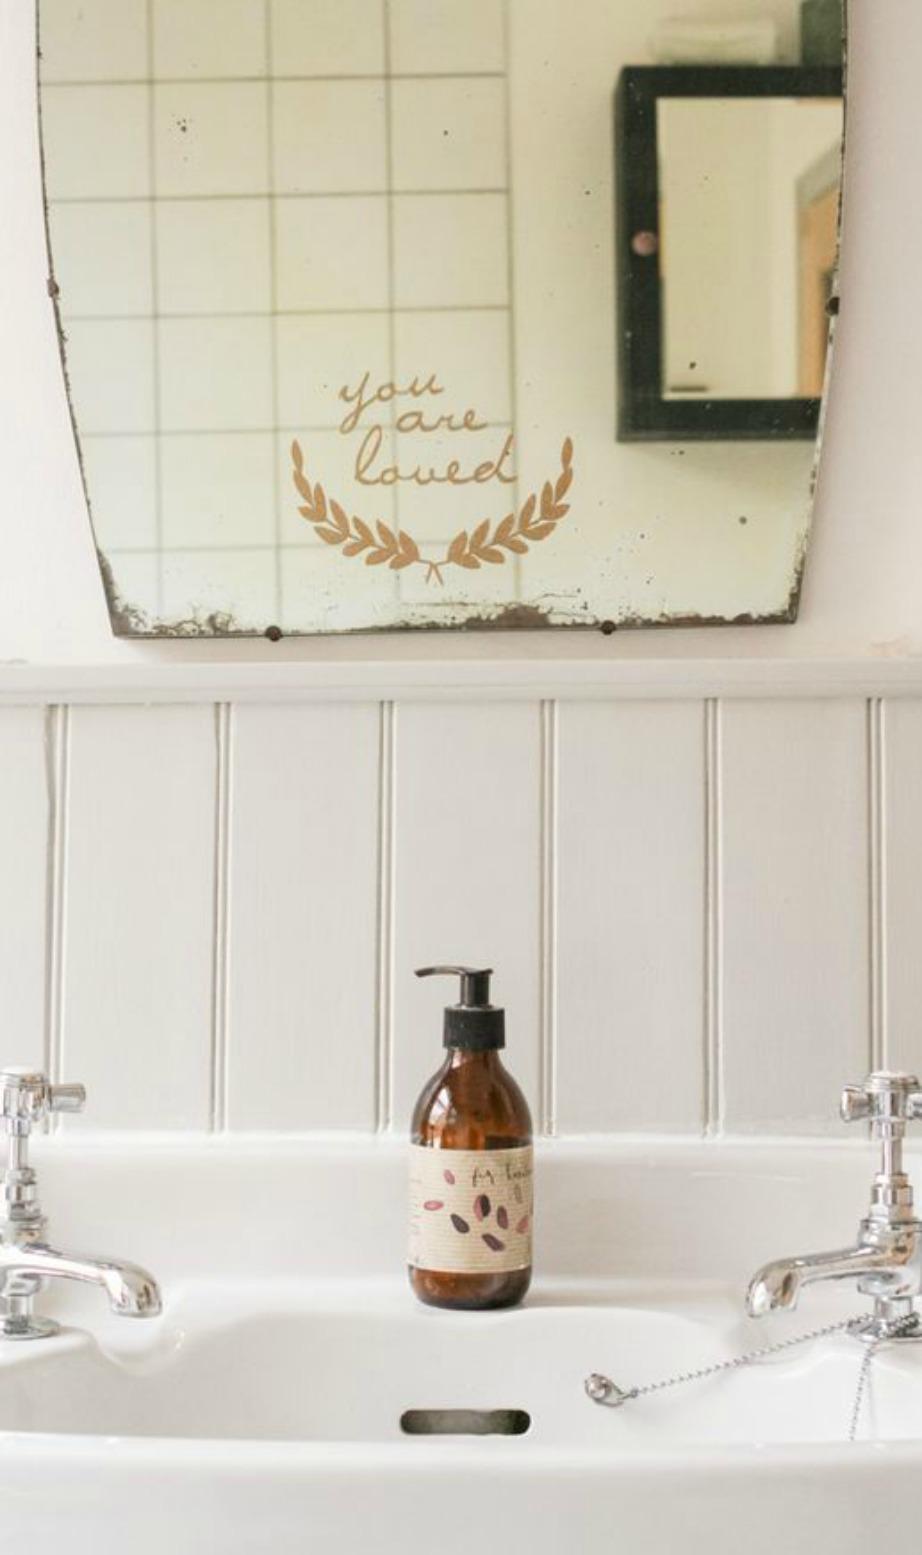 Ένας vintage καθρέφτης μπορεί να μεταμορφώσει τον χώρο σας.